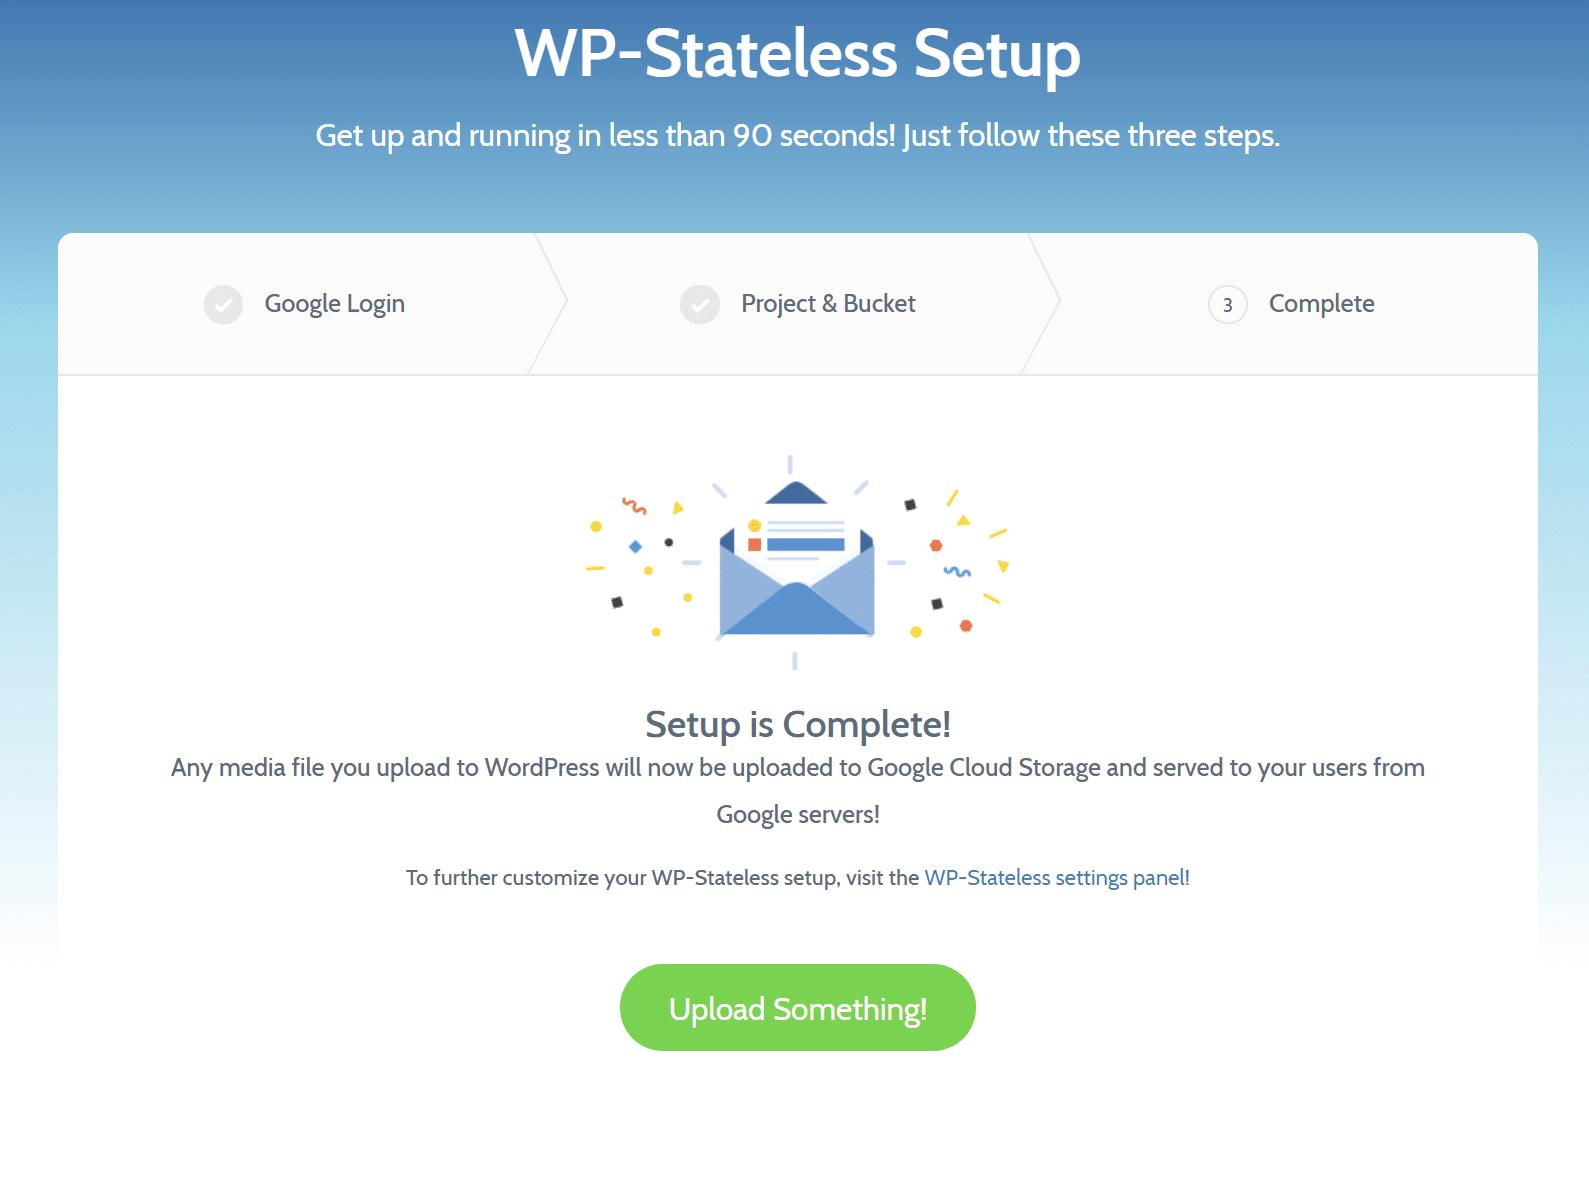 Configuración de WP-Stateless